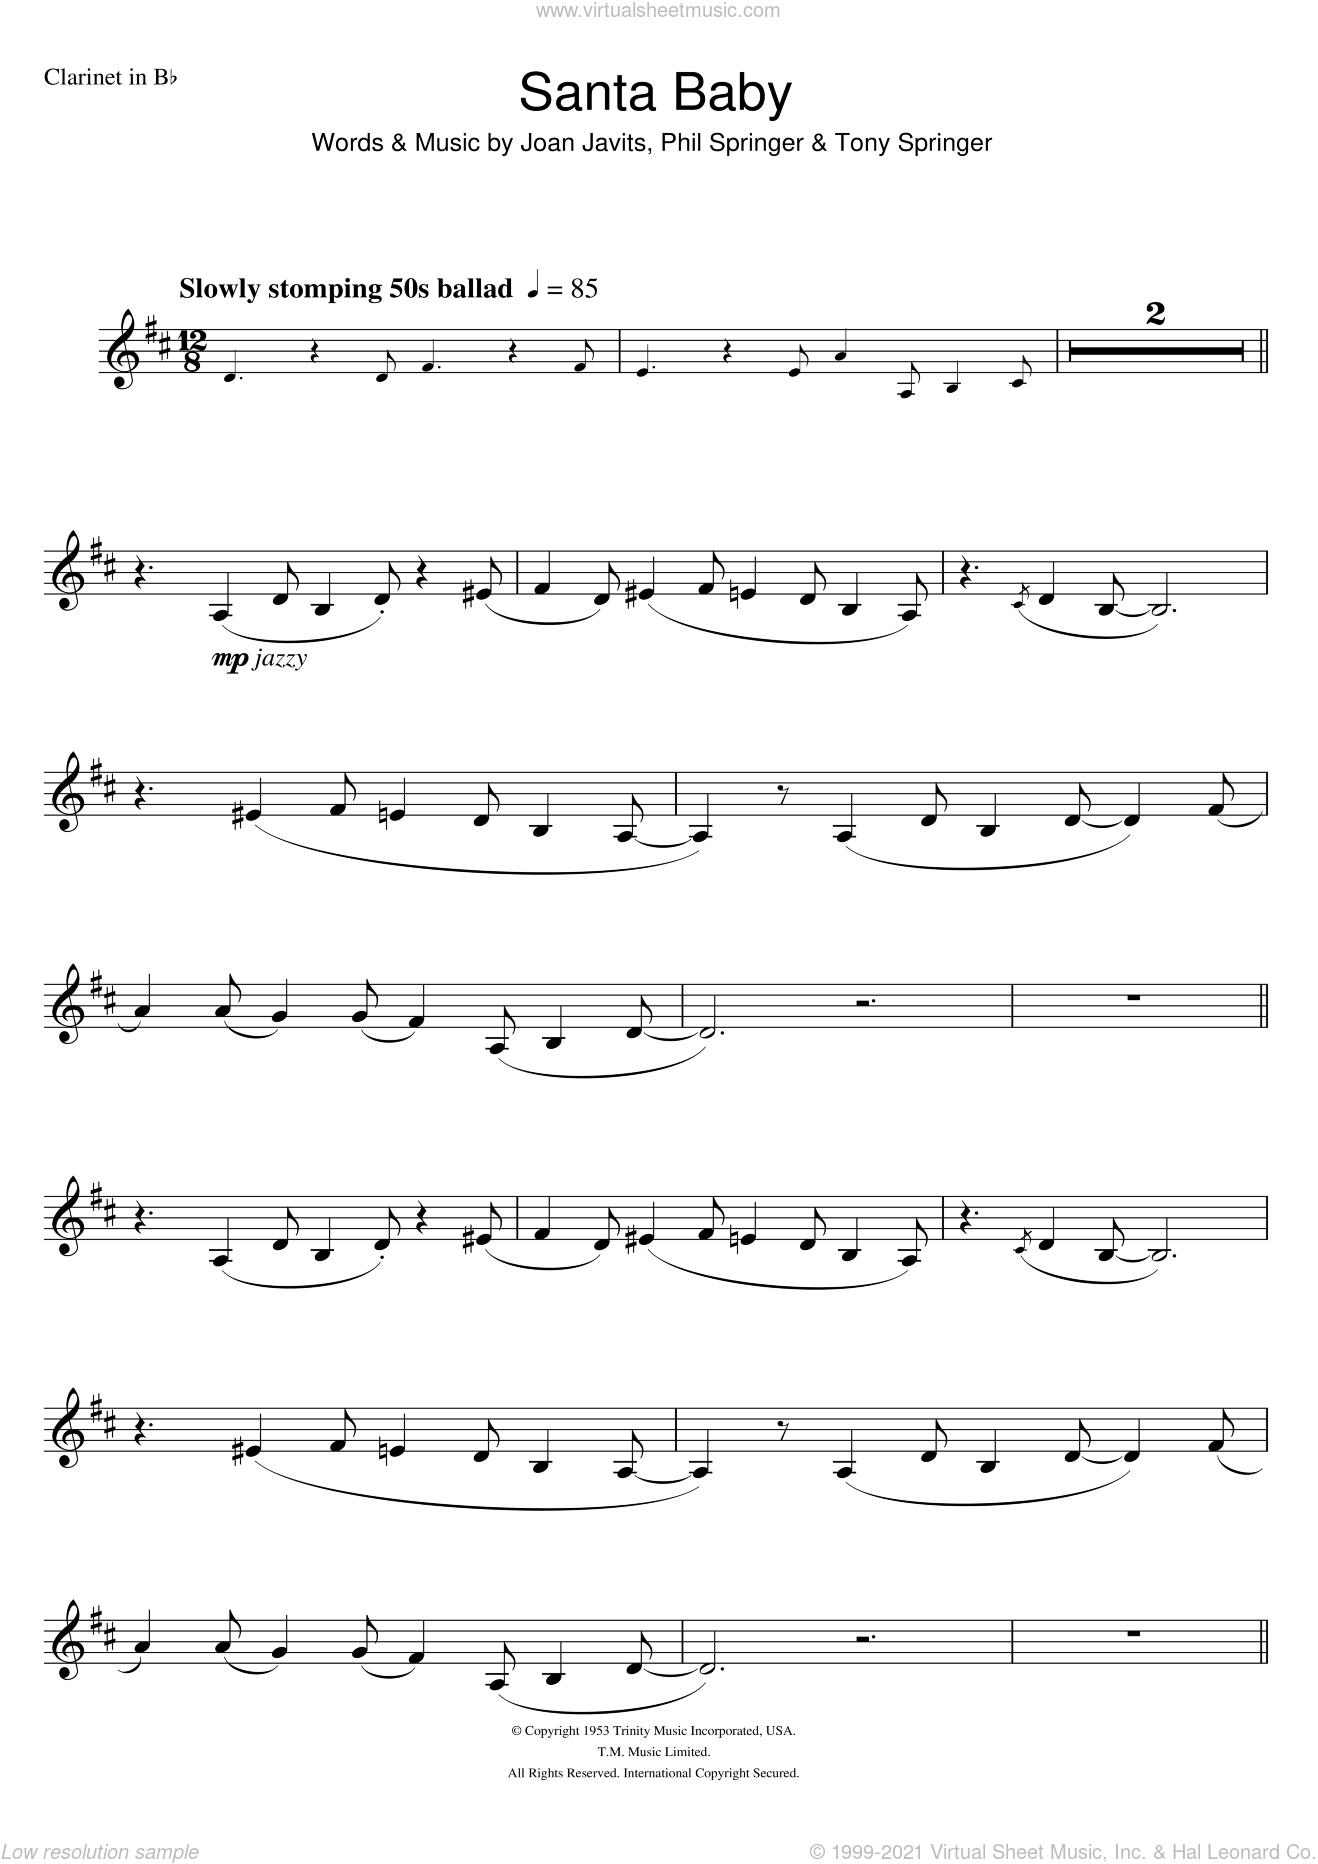 Kitt - Santa Baby sheet music for